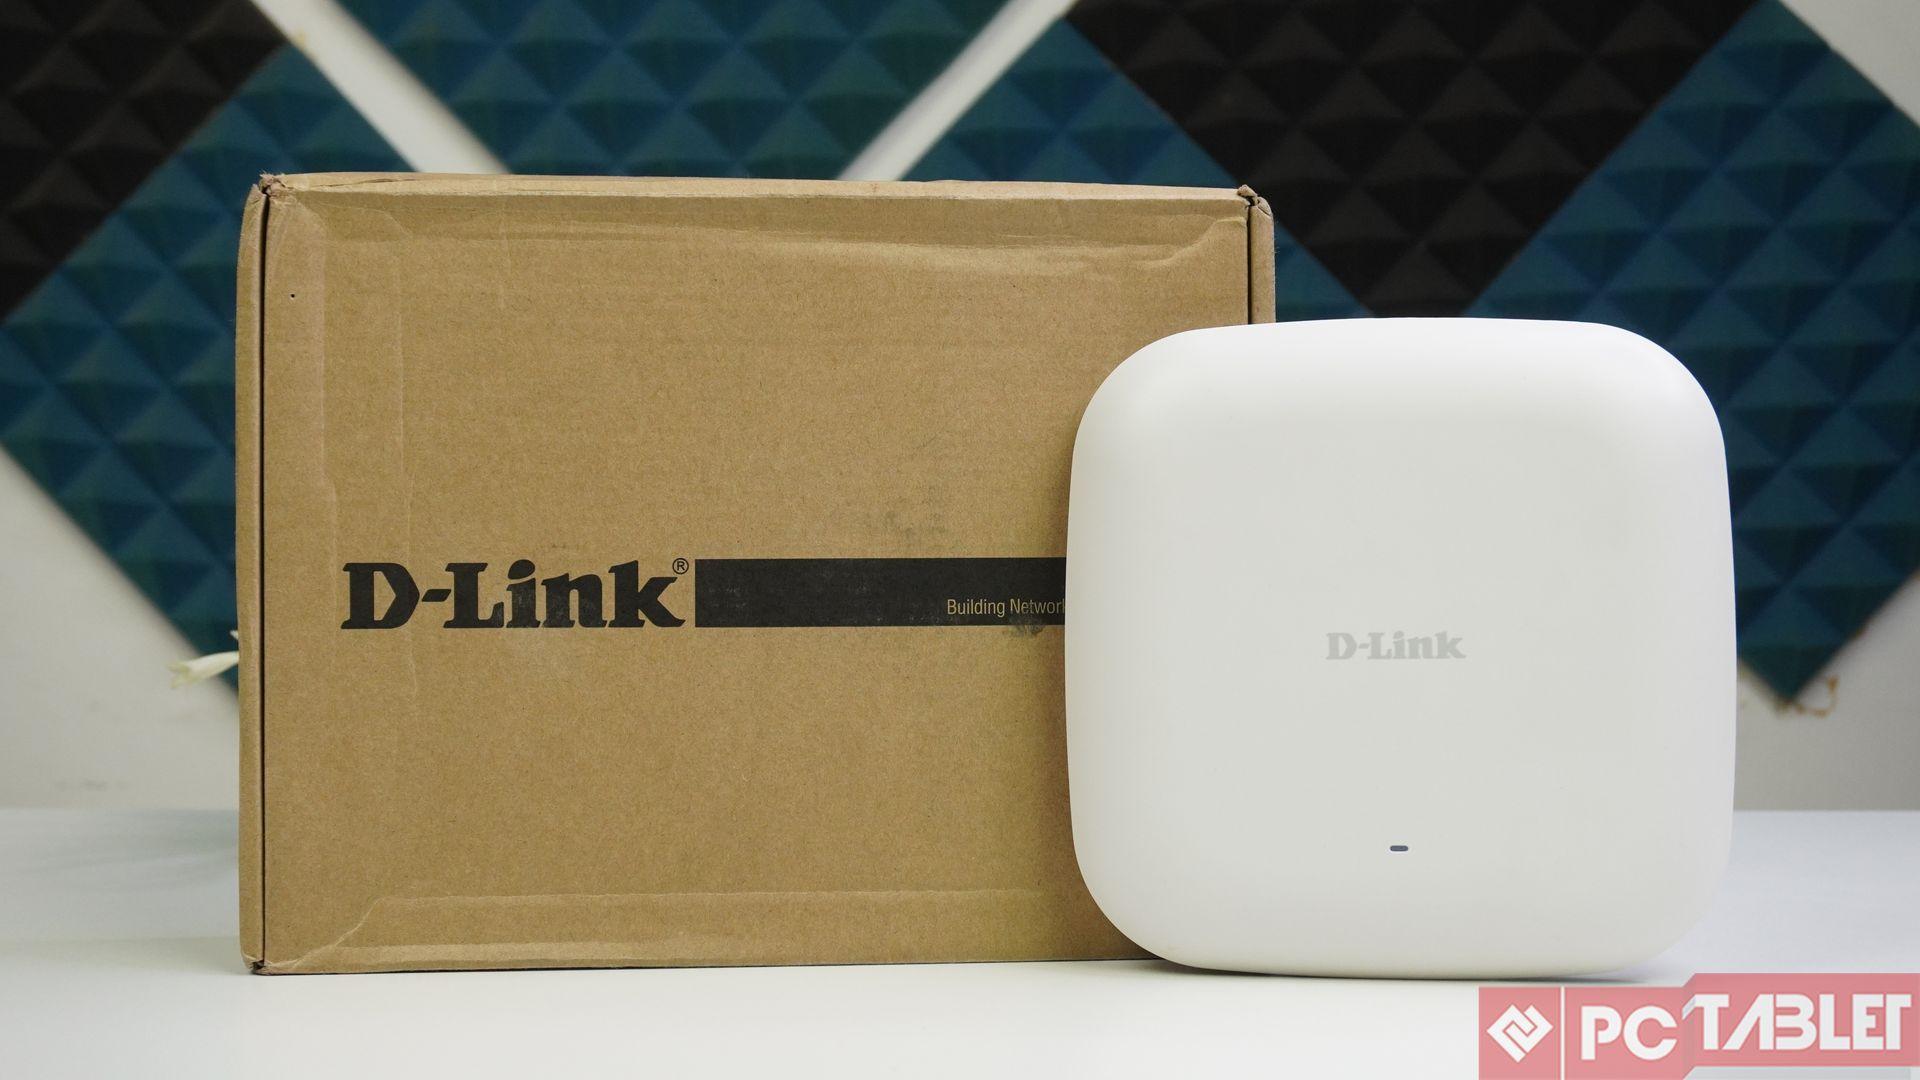 D Link DAP 2610 Dual Band 2